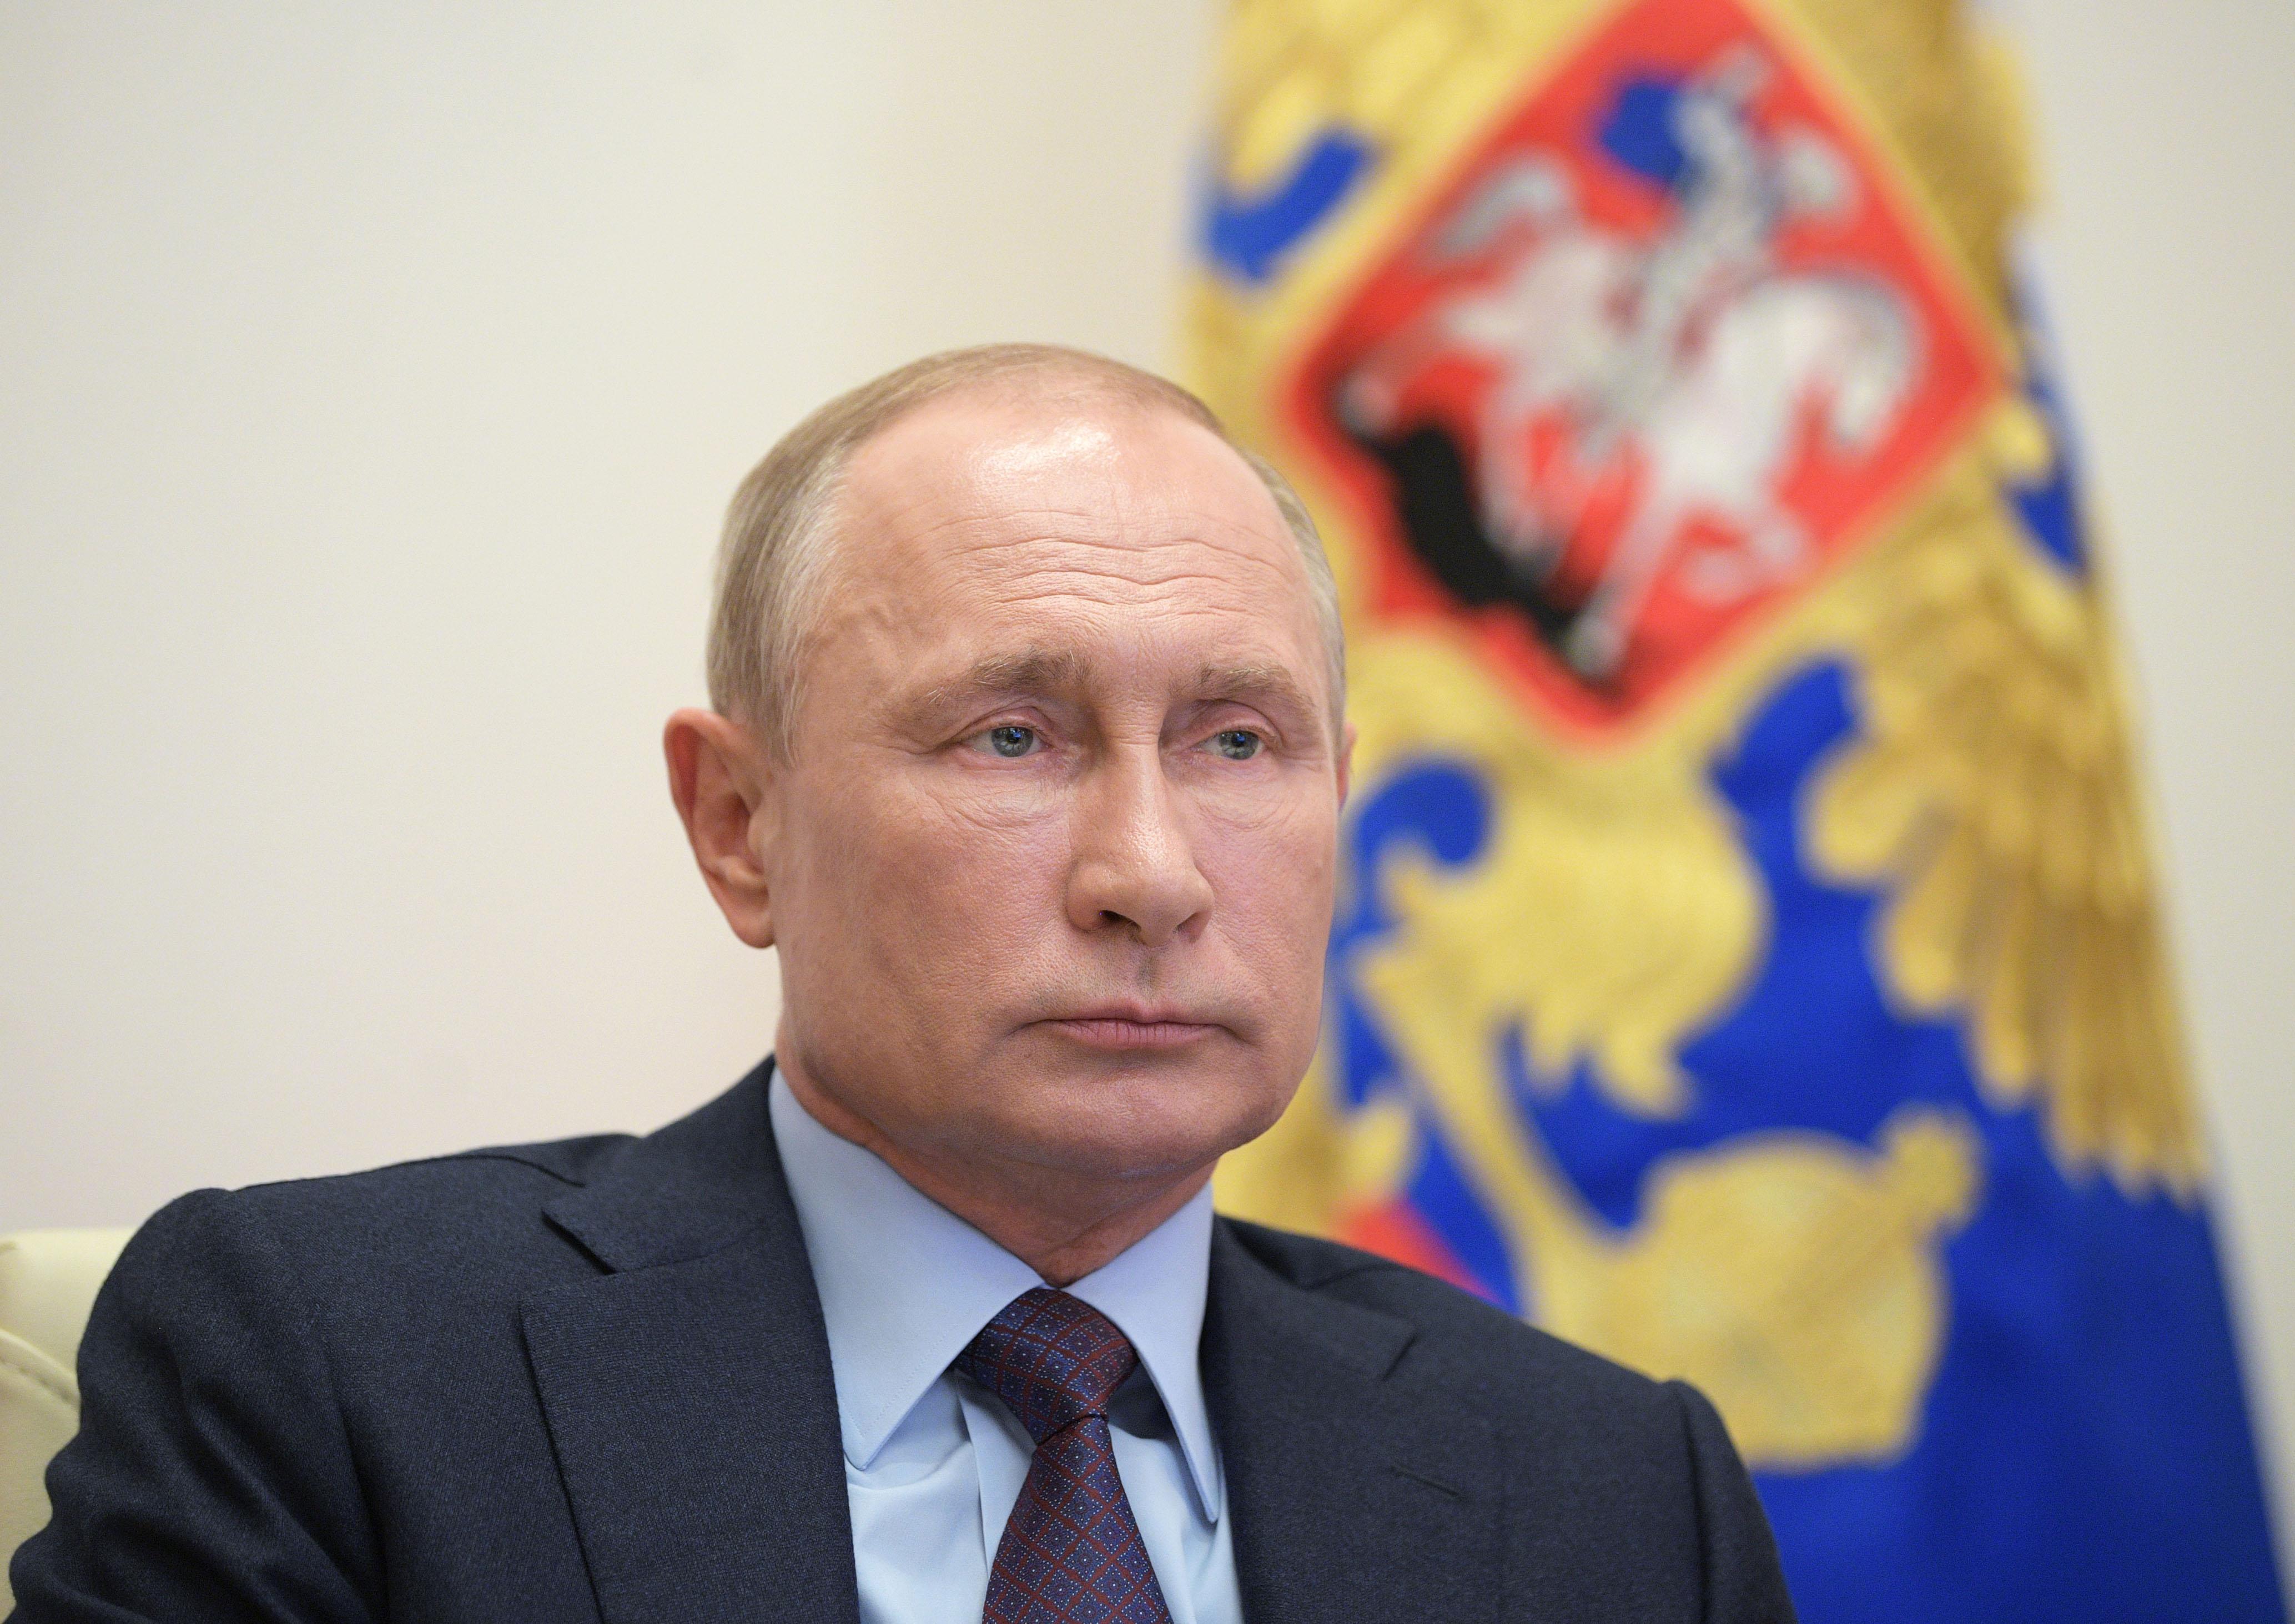 Raszputyin pénisze – Wikipédia - Putyin és a pénisz